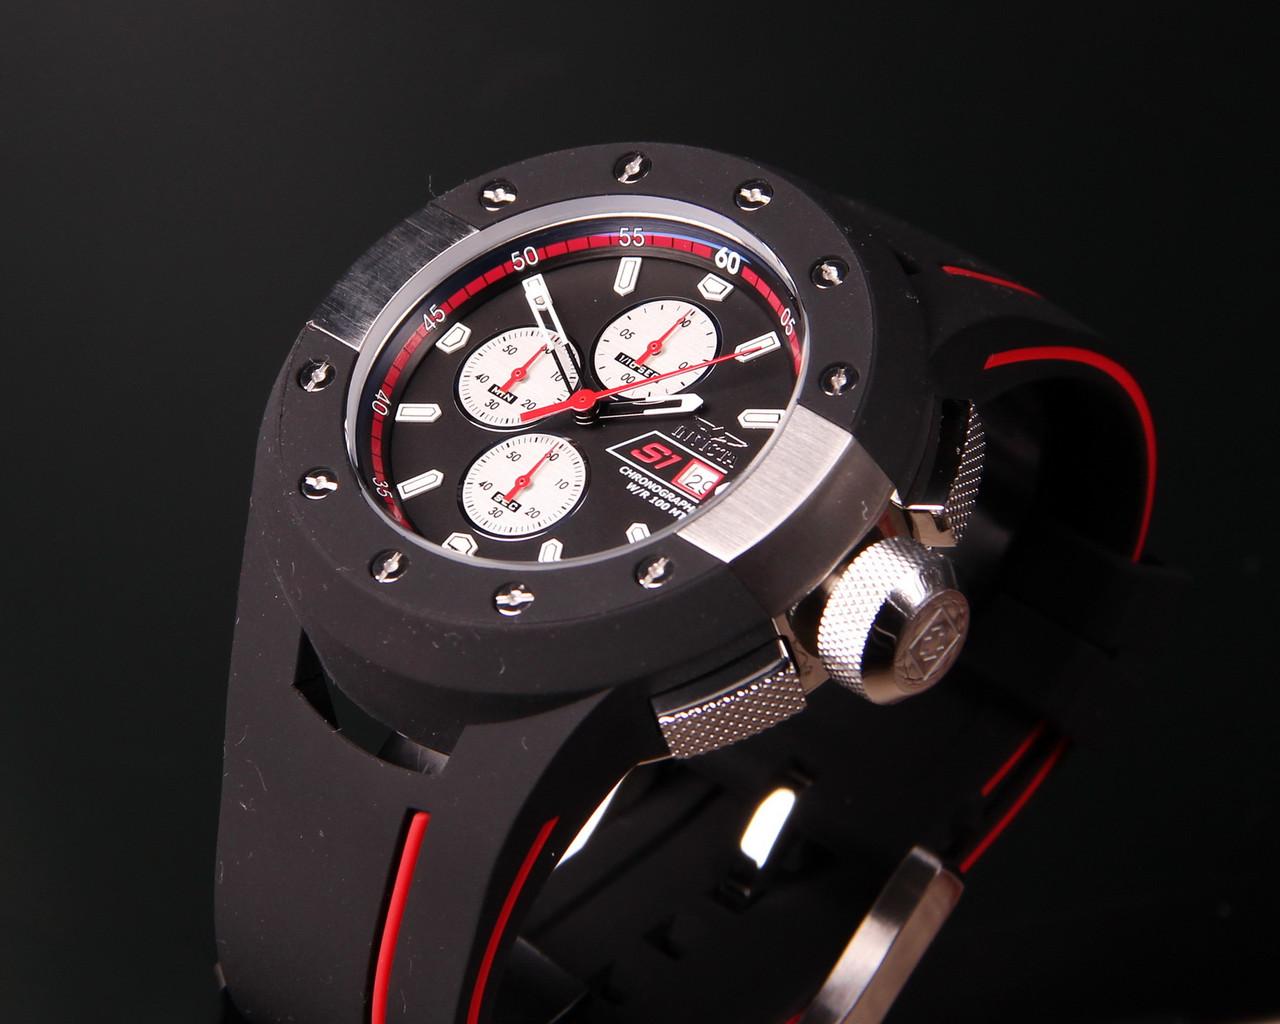 Мужские часы Invicta 22434 S1 Rally, цена 5 046 грн., купить в ... d34332a6997